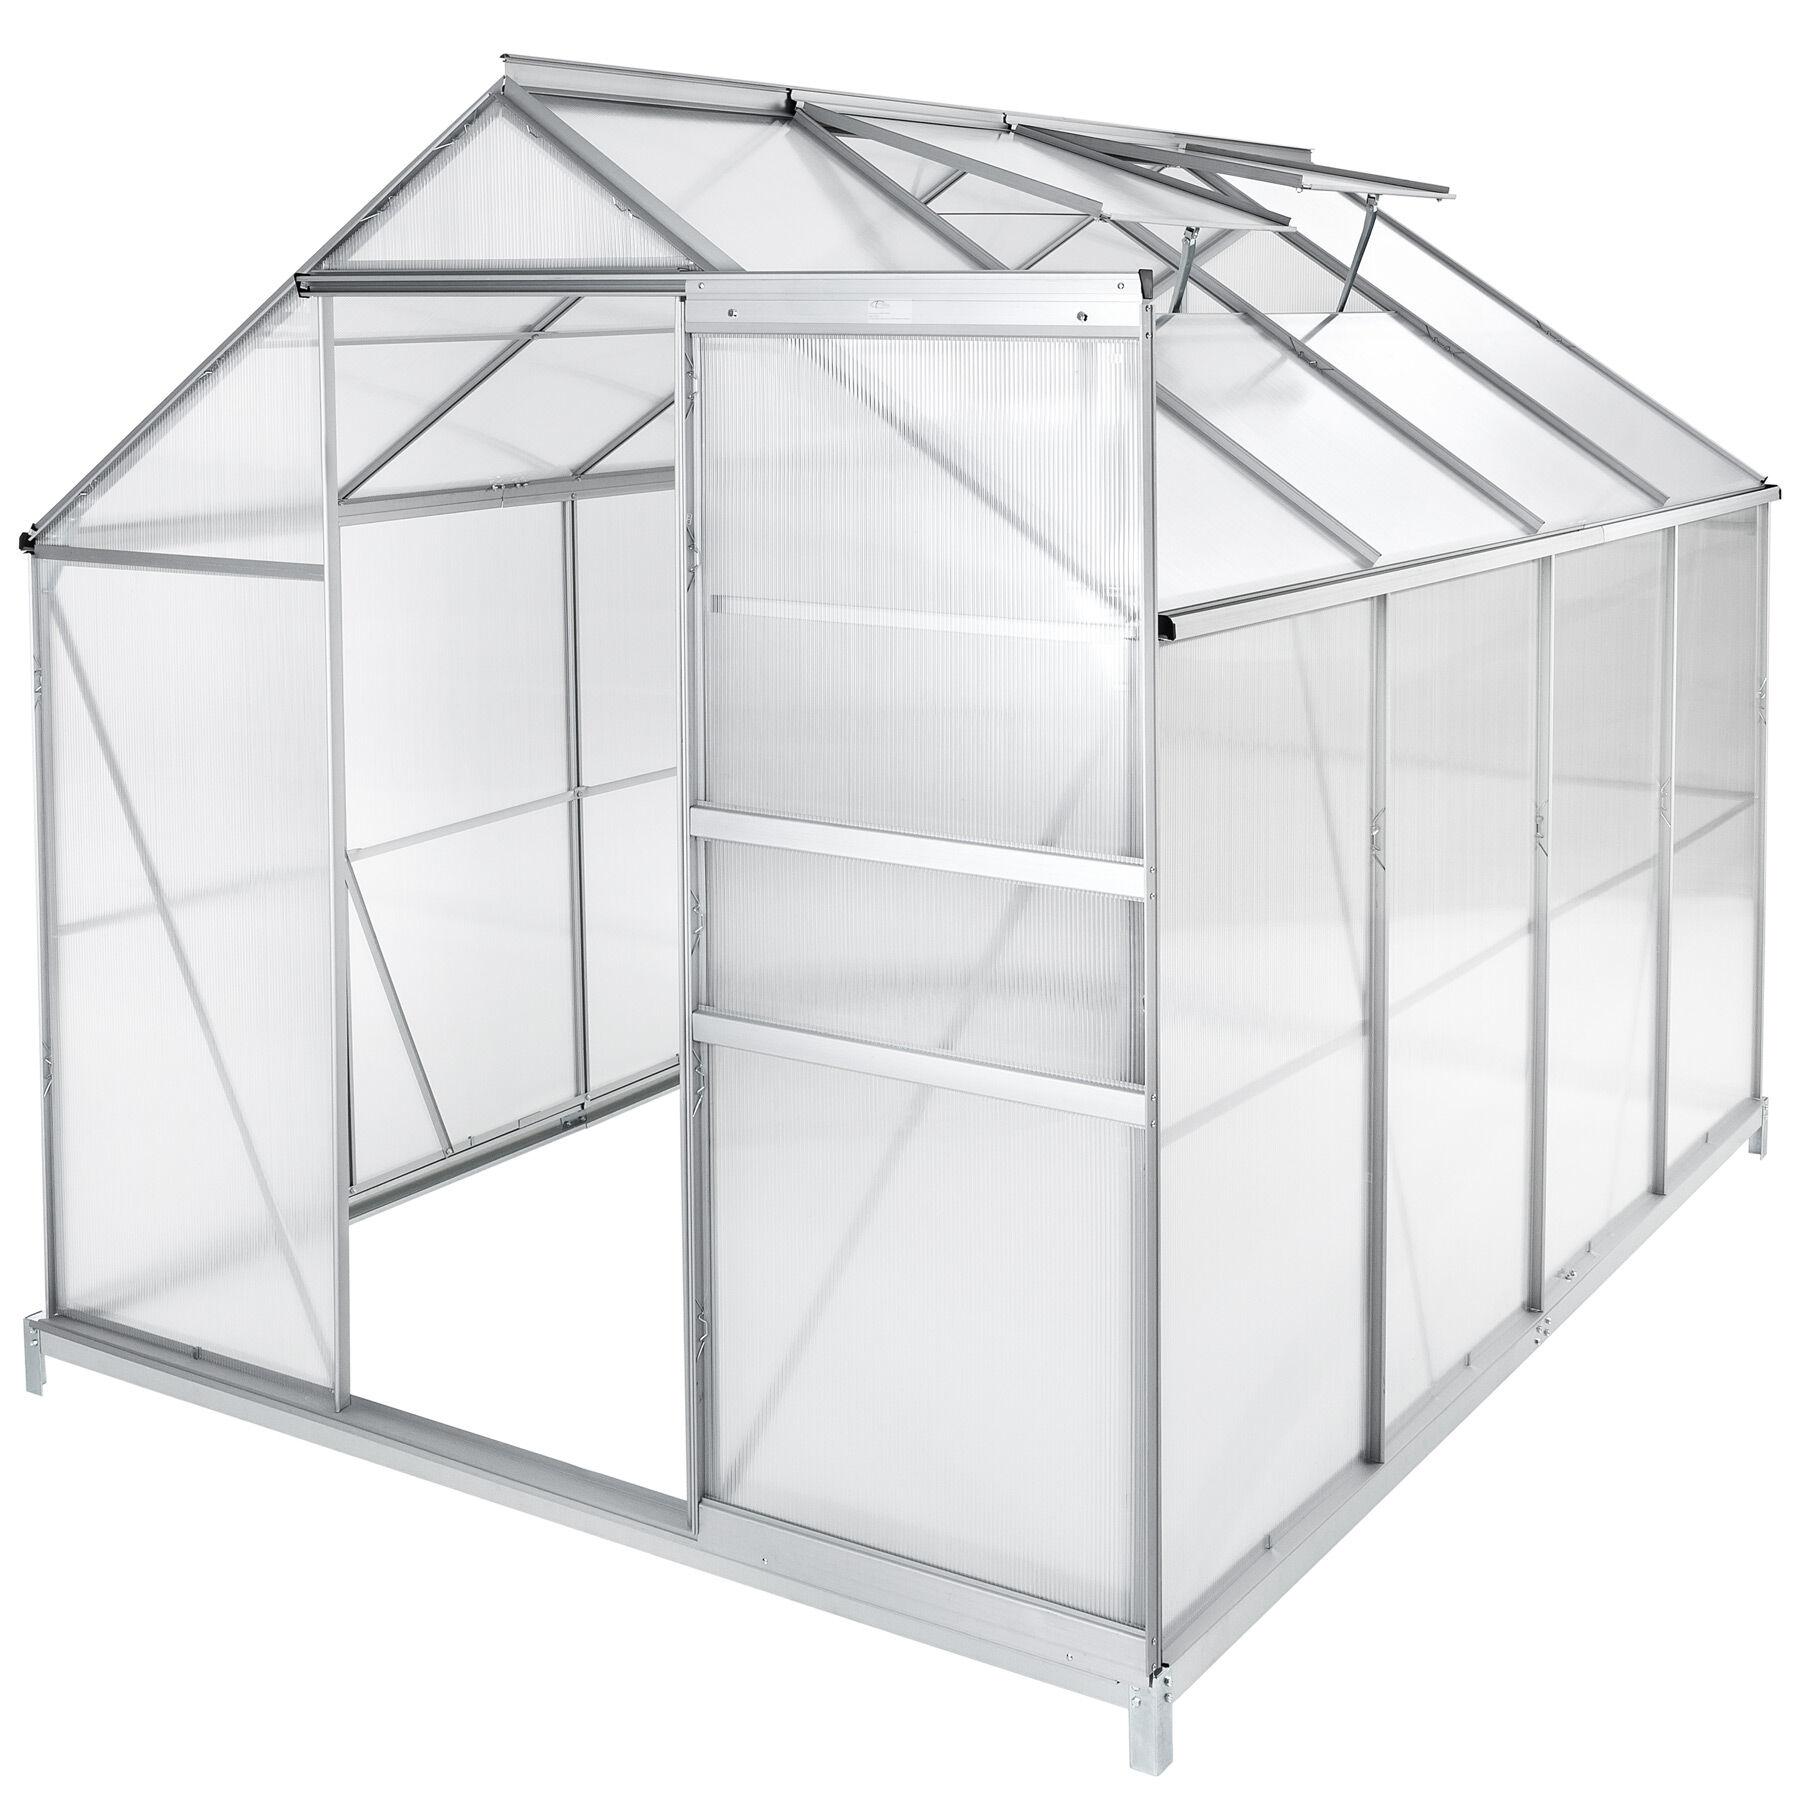 tectake serra in alluminio e policarbonato con fondamenta - 250 x 185 x 195 cm